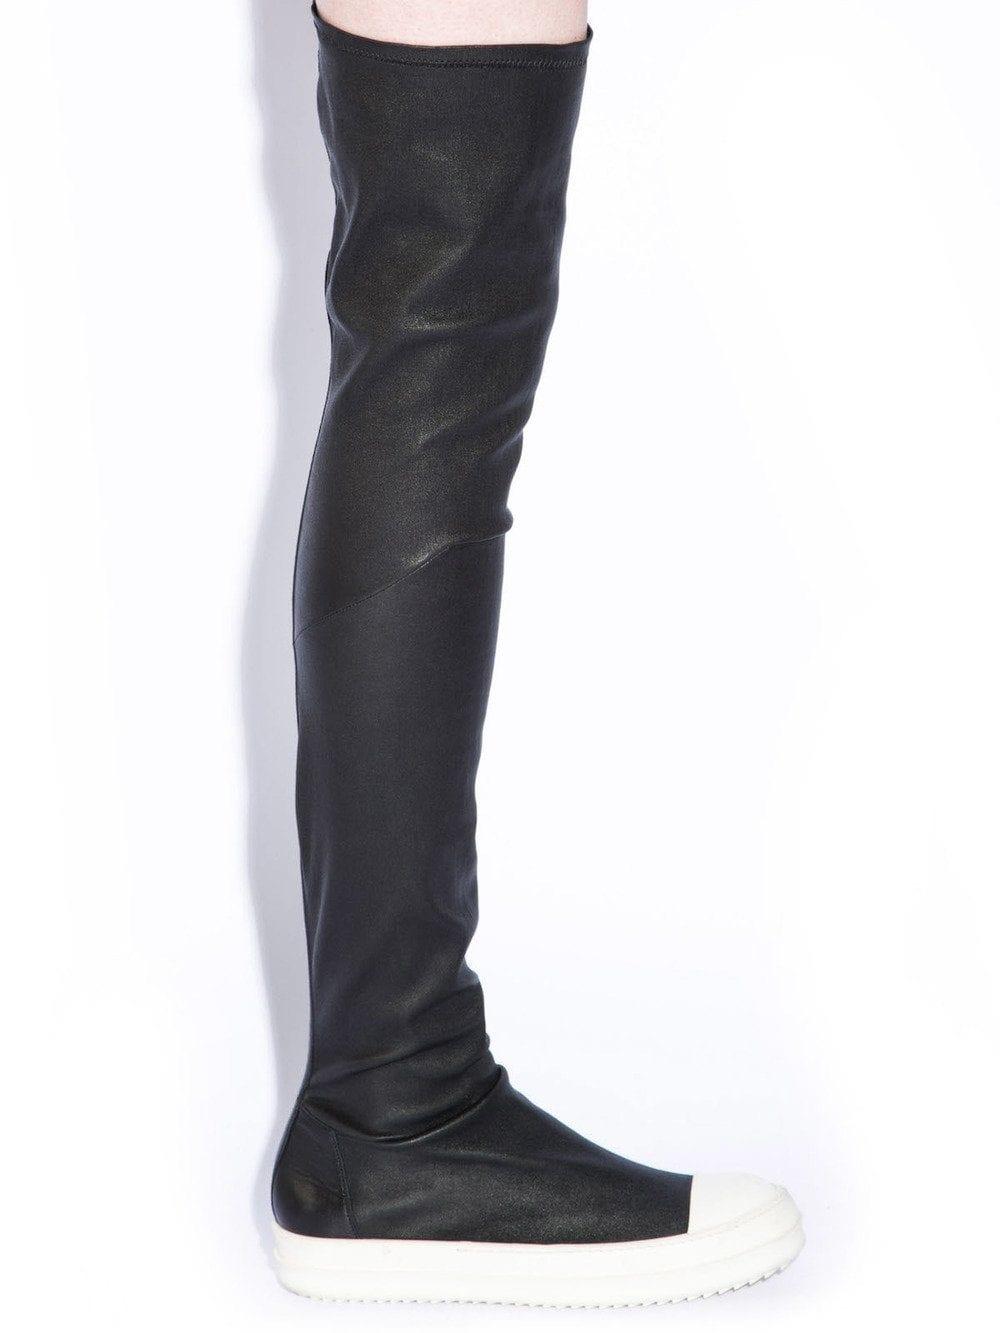 Gli stivali di Rick Owens apparsi sulla passerelle Autunno/Inverno 14–15